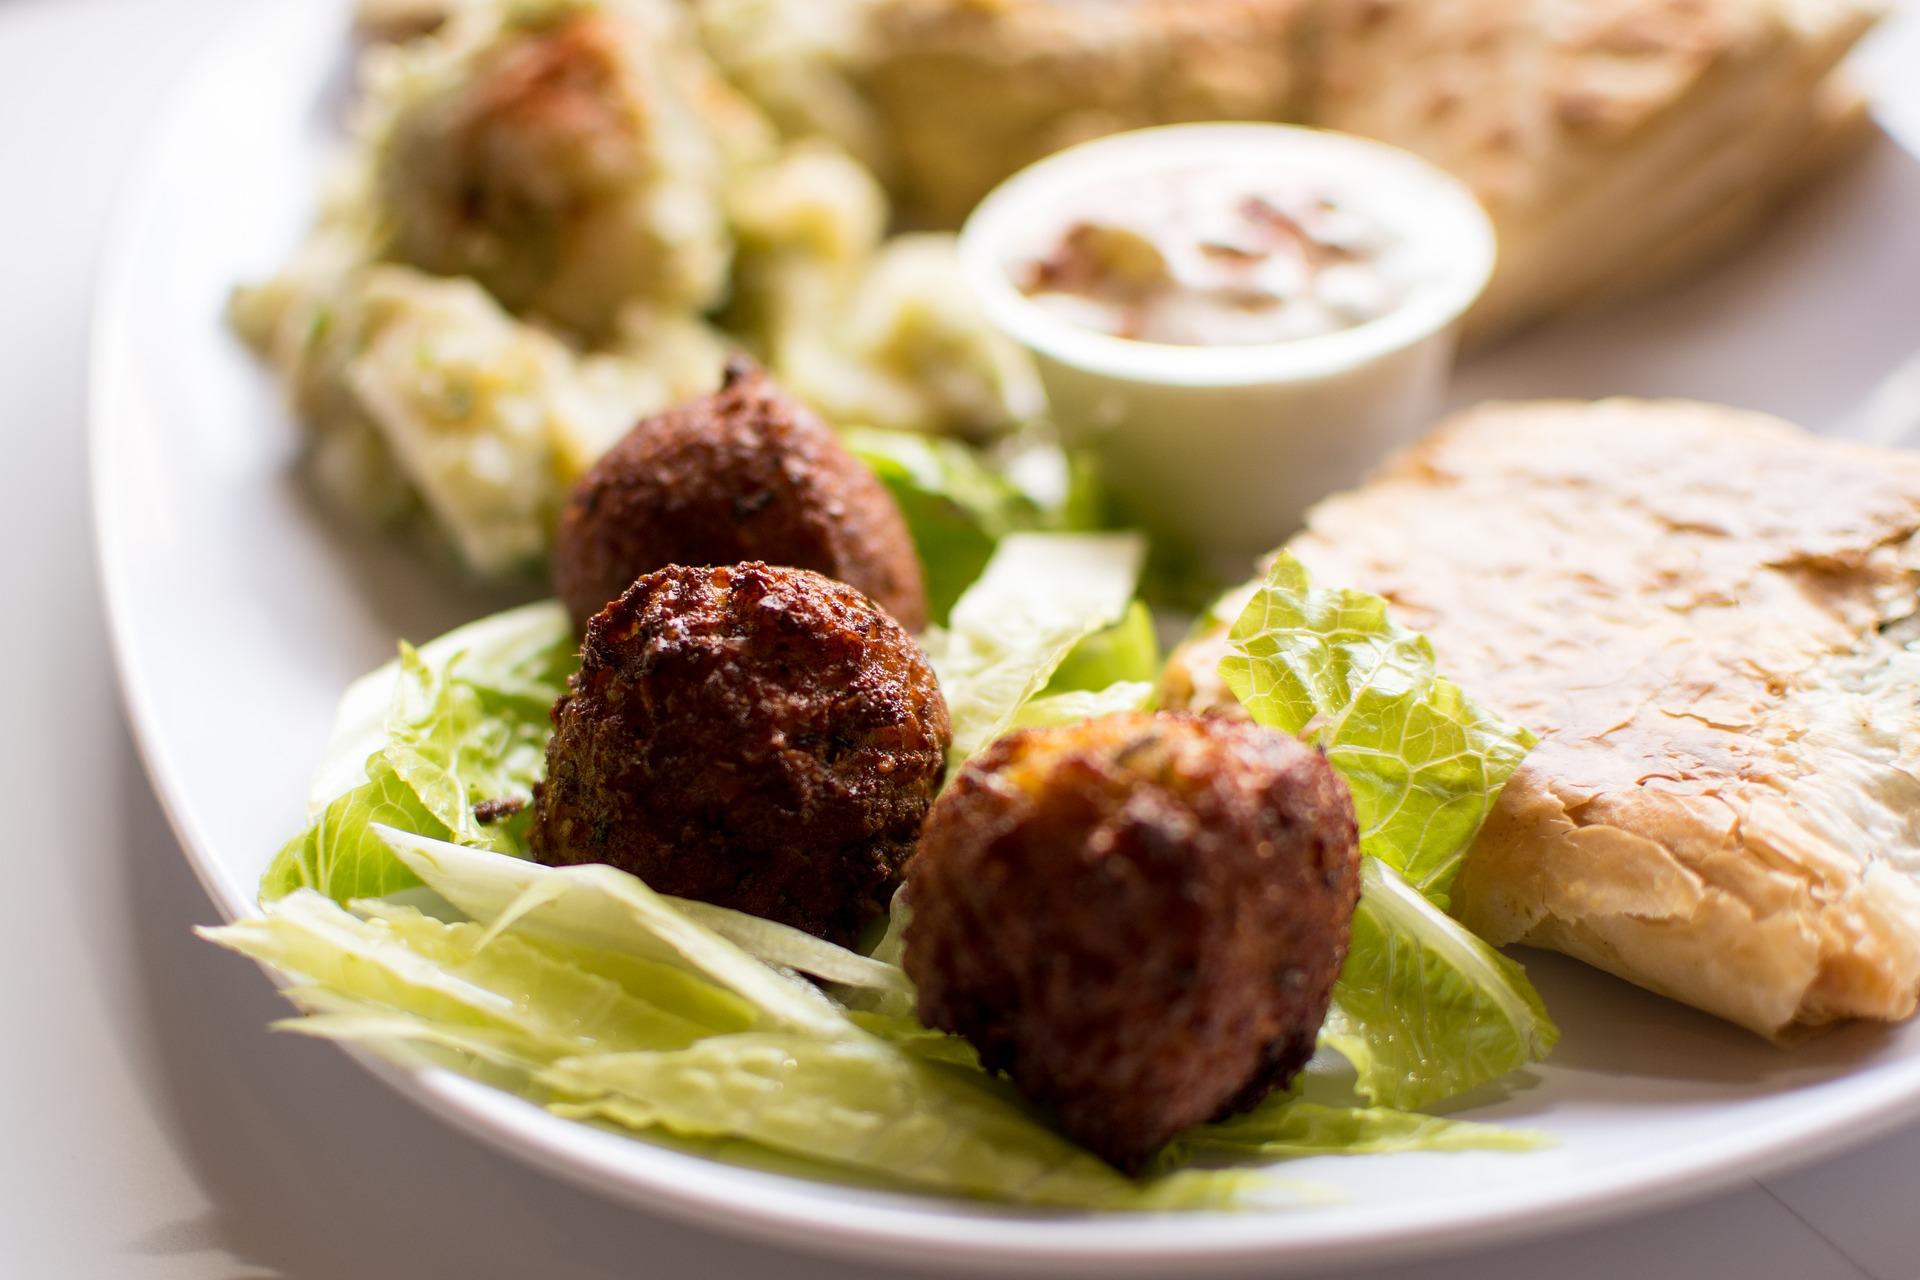 Ricetta Falafel Di Fave Al Forno.Falafel Di Fave Fresche Al Forno Aperitivo Vegano Food Blog